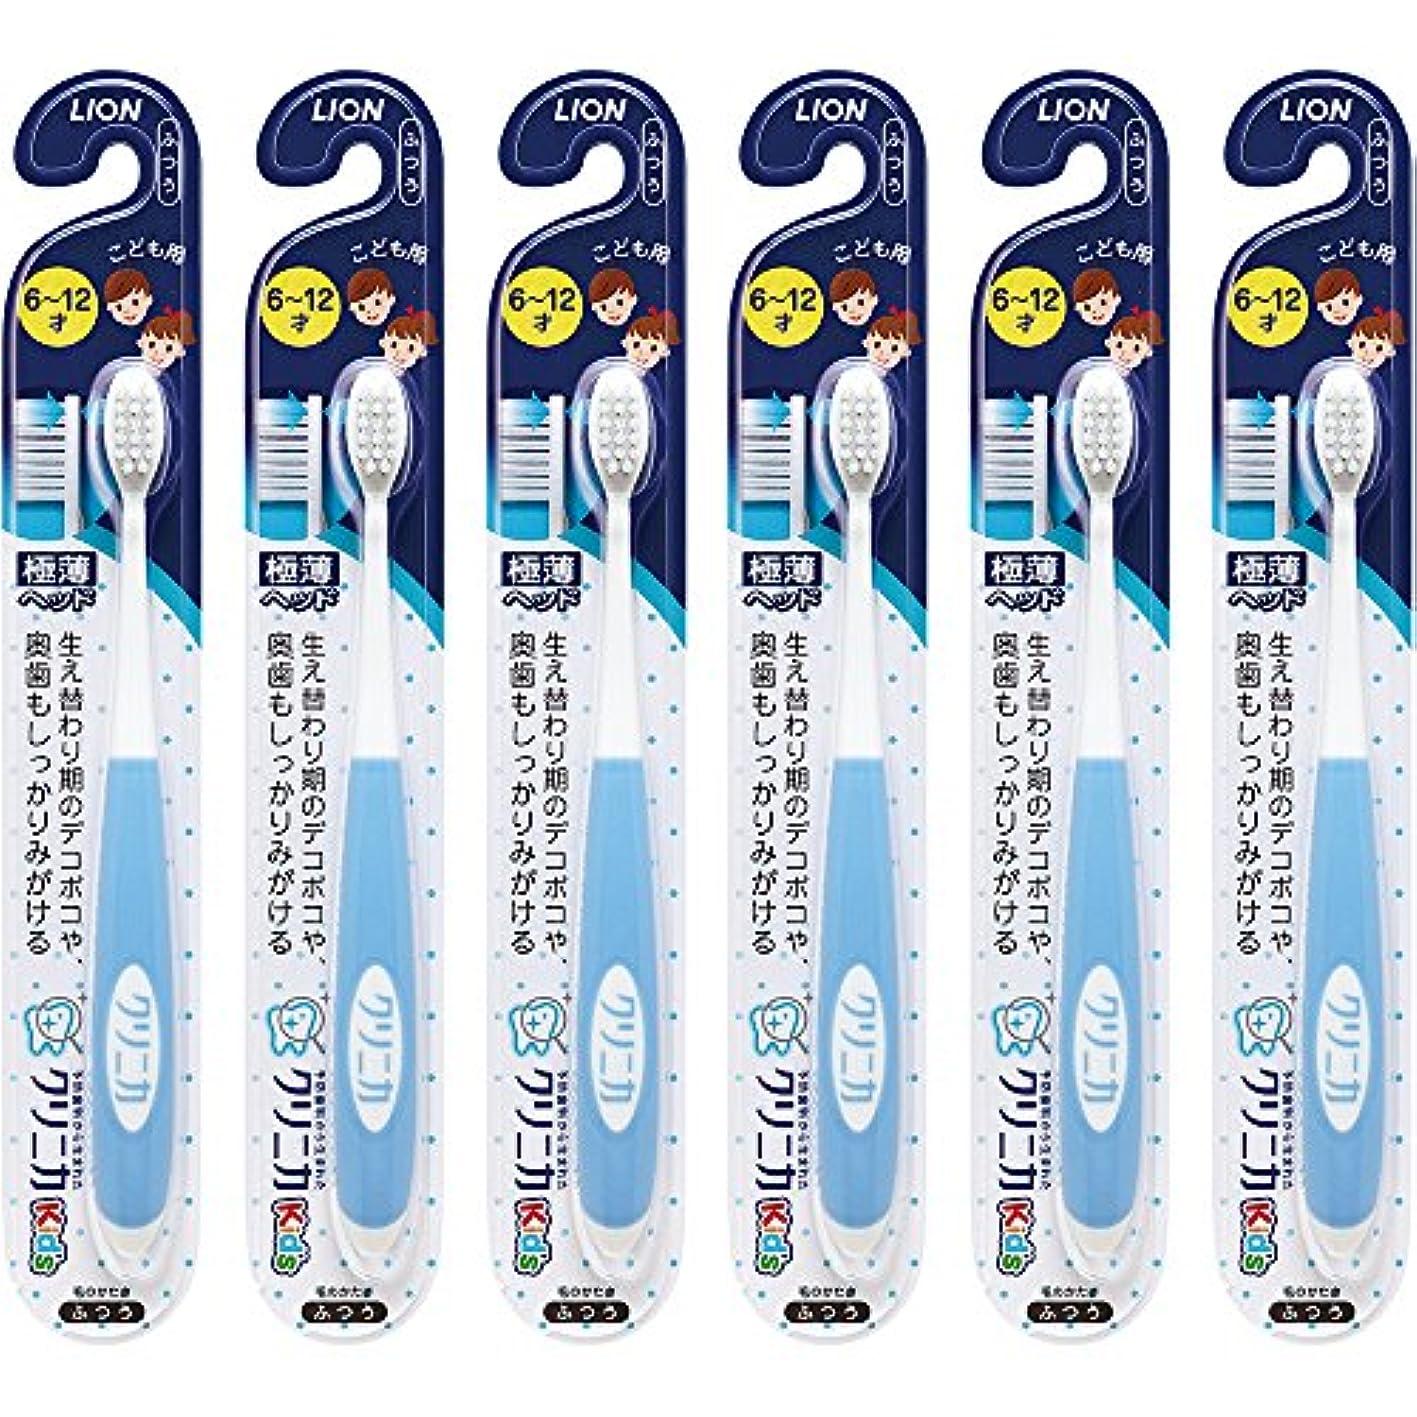 模索武器マイナスクリニカKid's ハブラシ 6-12才用 6本パック(ブルー)